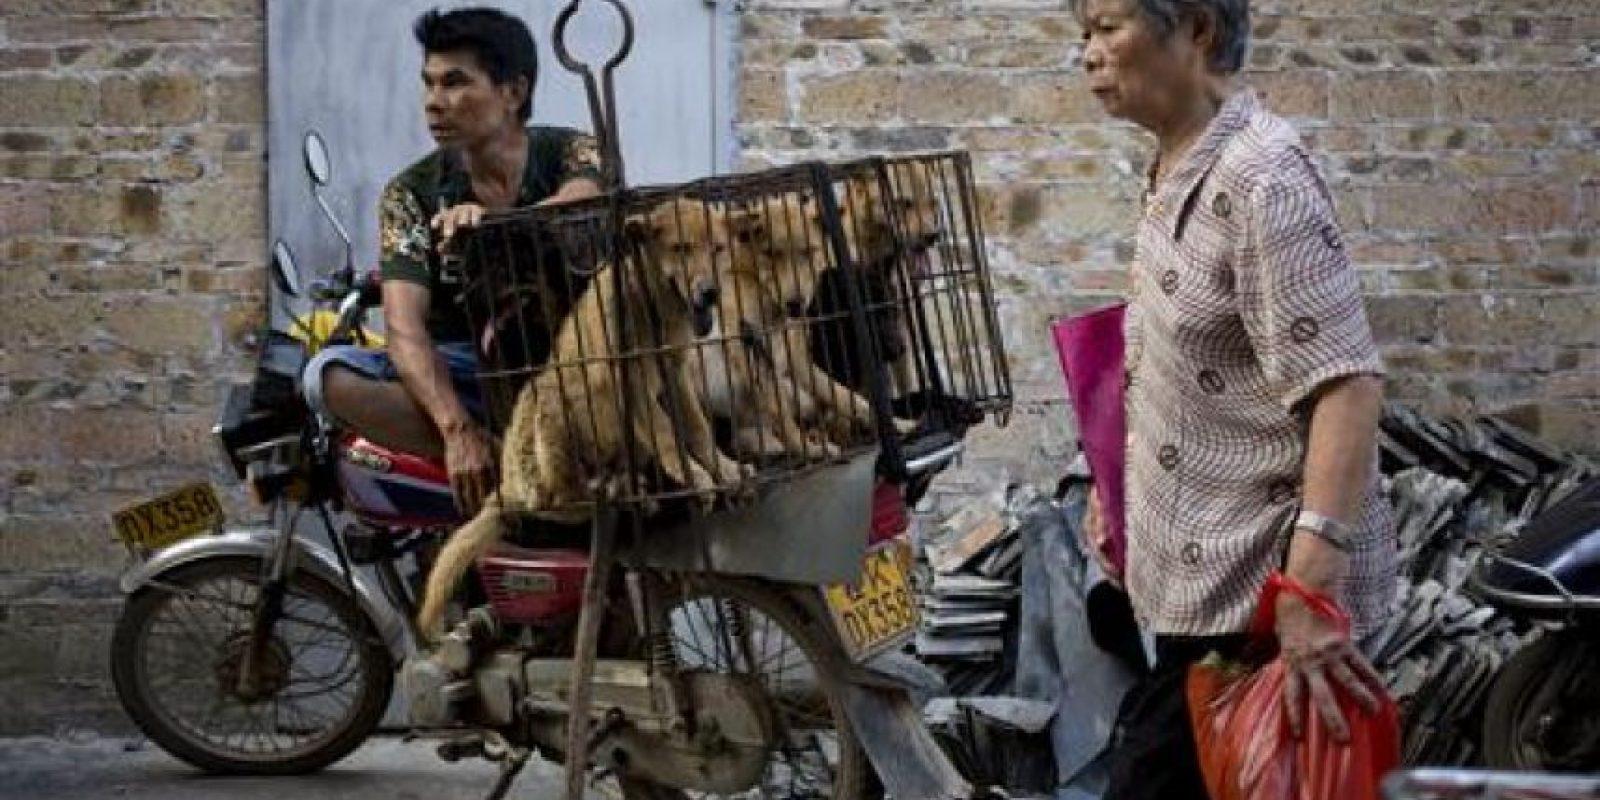 Organizaciones de protección de animales en China reunieron 11 millones de firmas para pedir que no se realizara el festival. Foto:AP